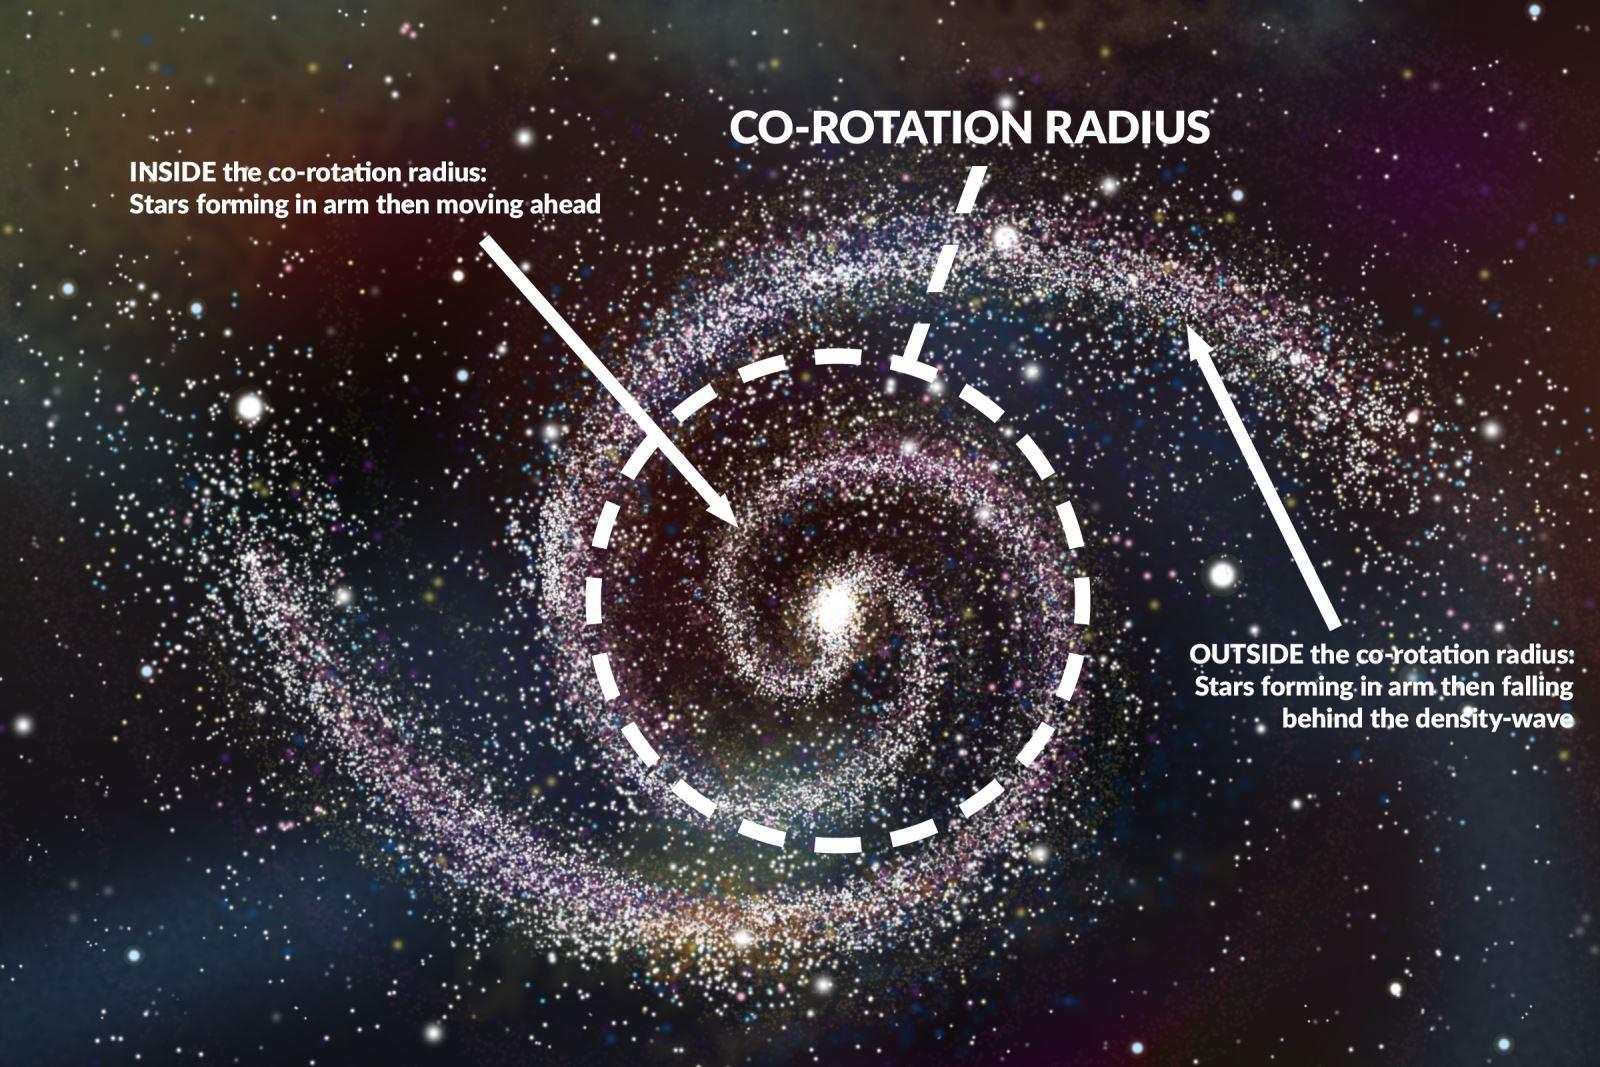 Galaksers spiralstruktur med den såkaldte ko-rotations radius